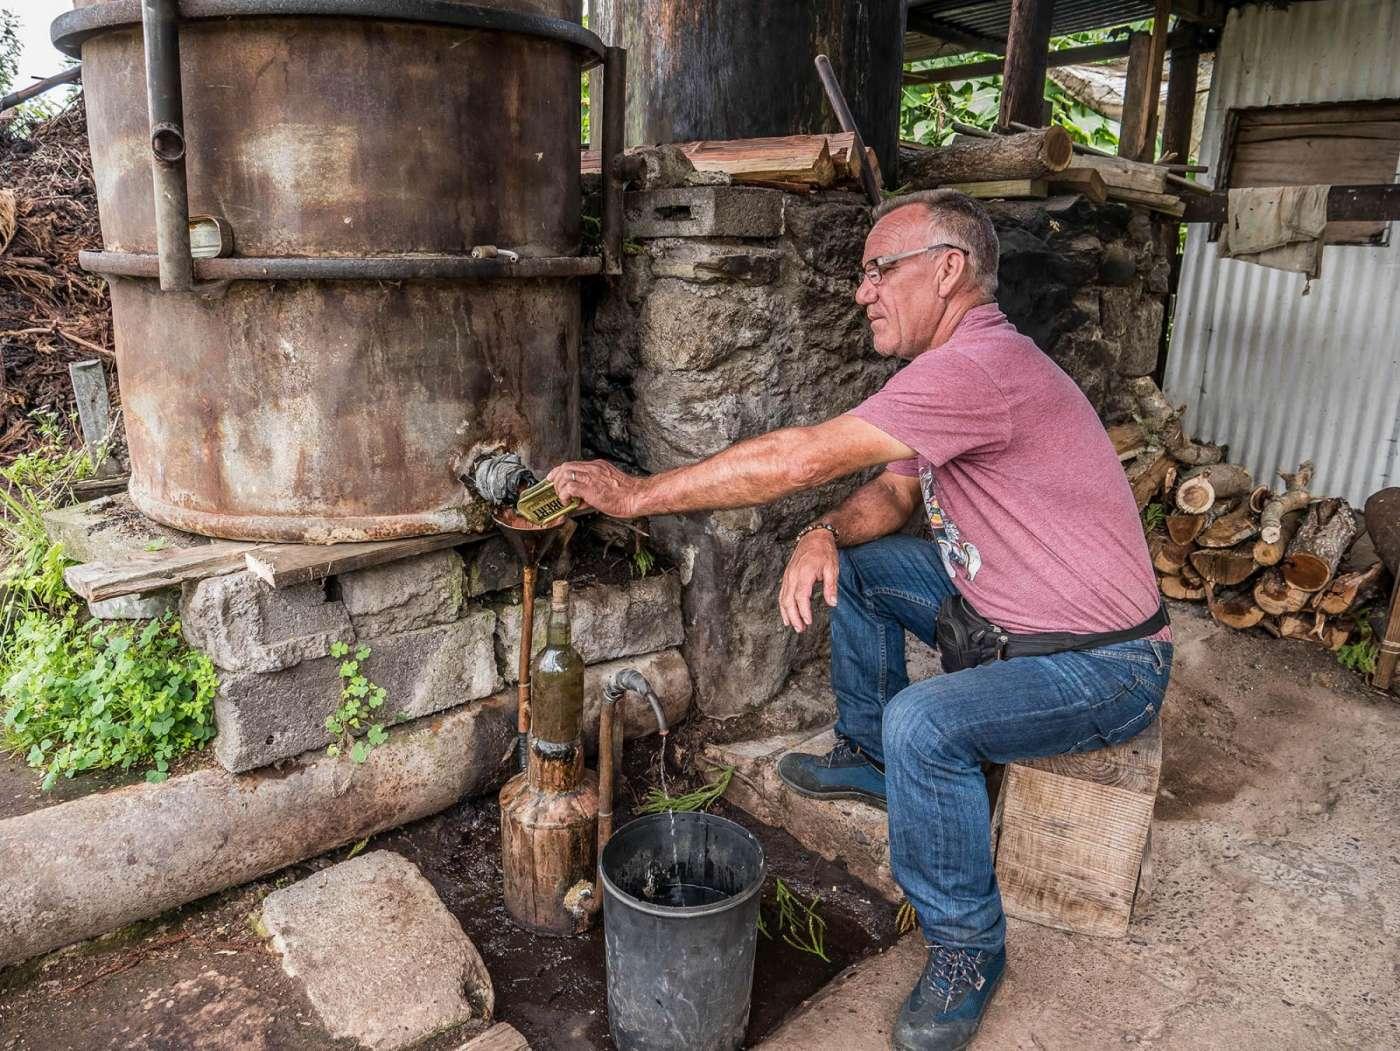 Jean-yves begues - portrait d'un distillateur historique de la route du maïdo 974